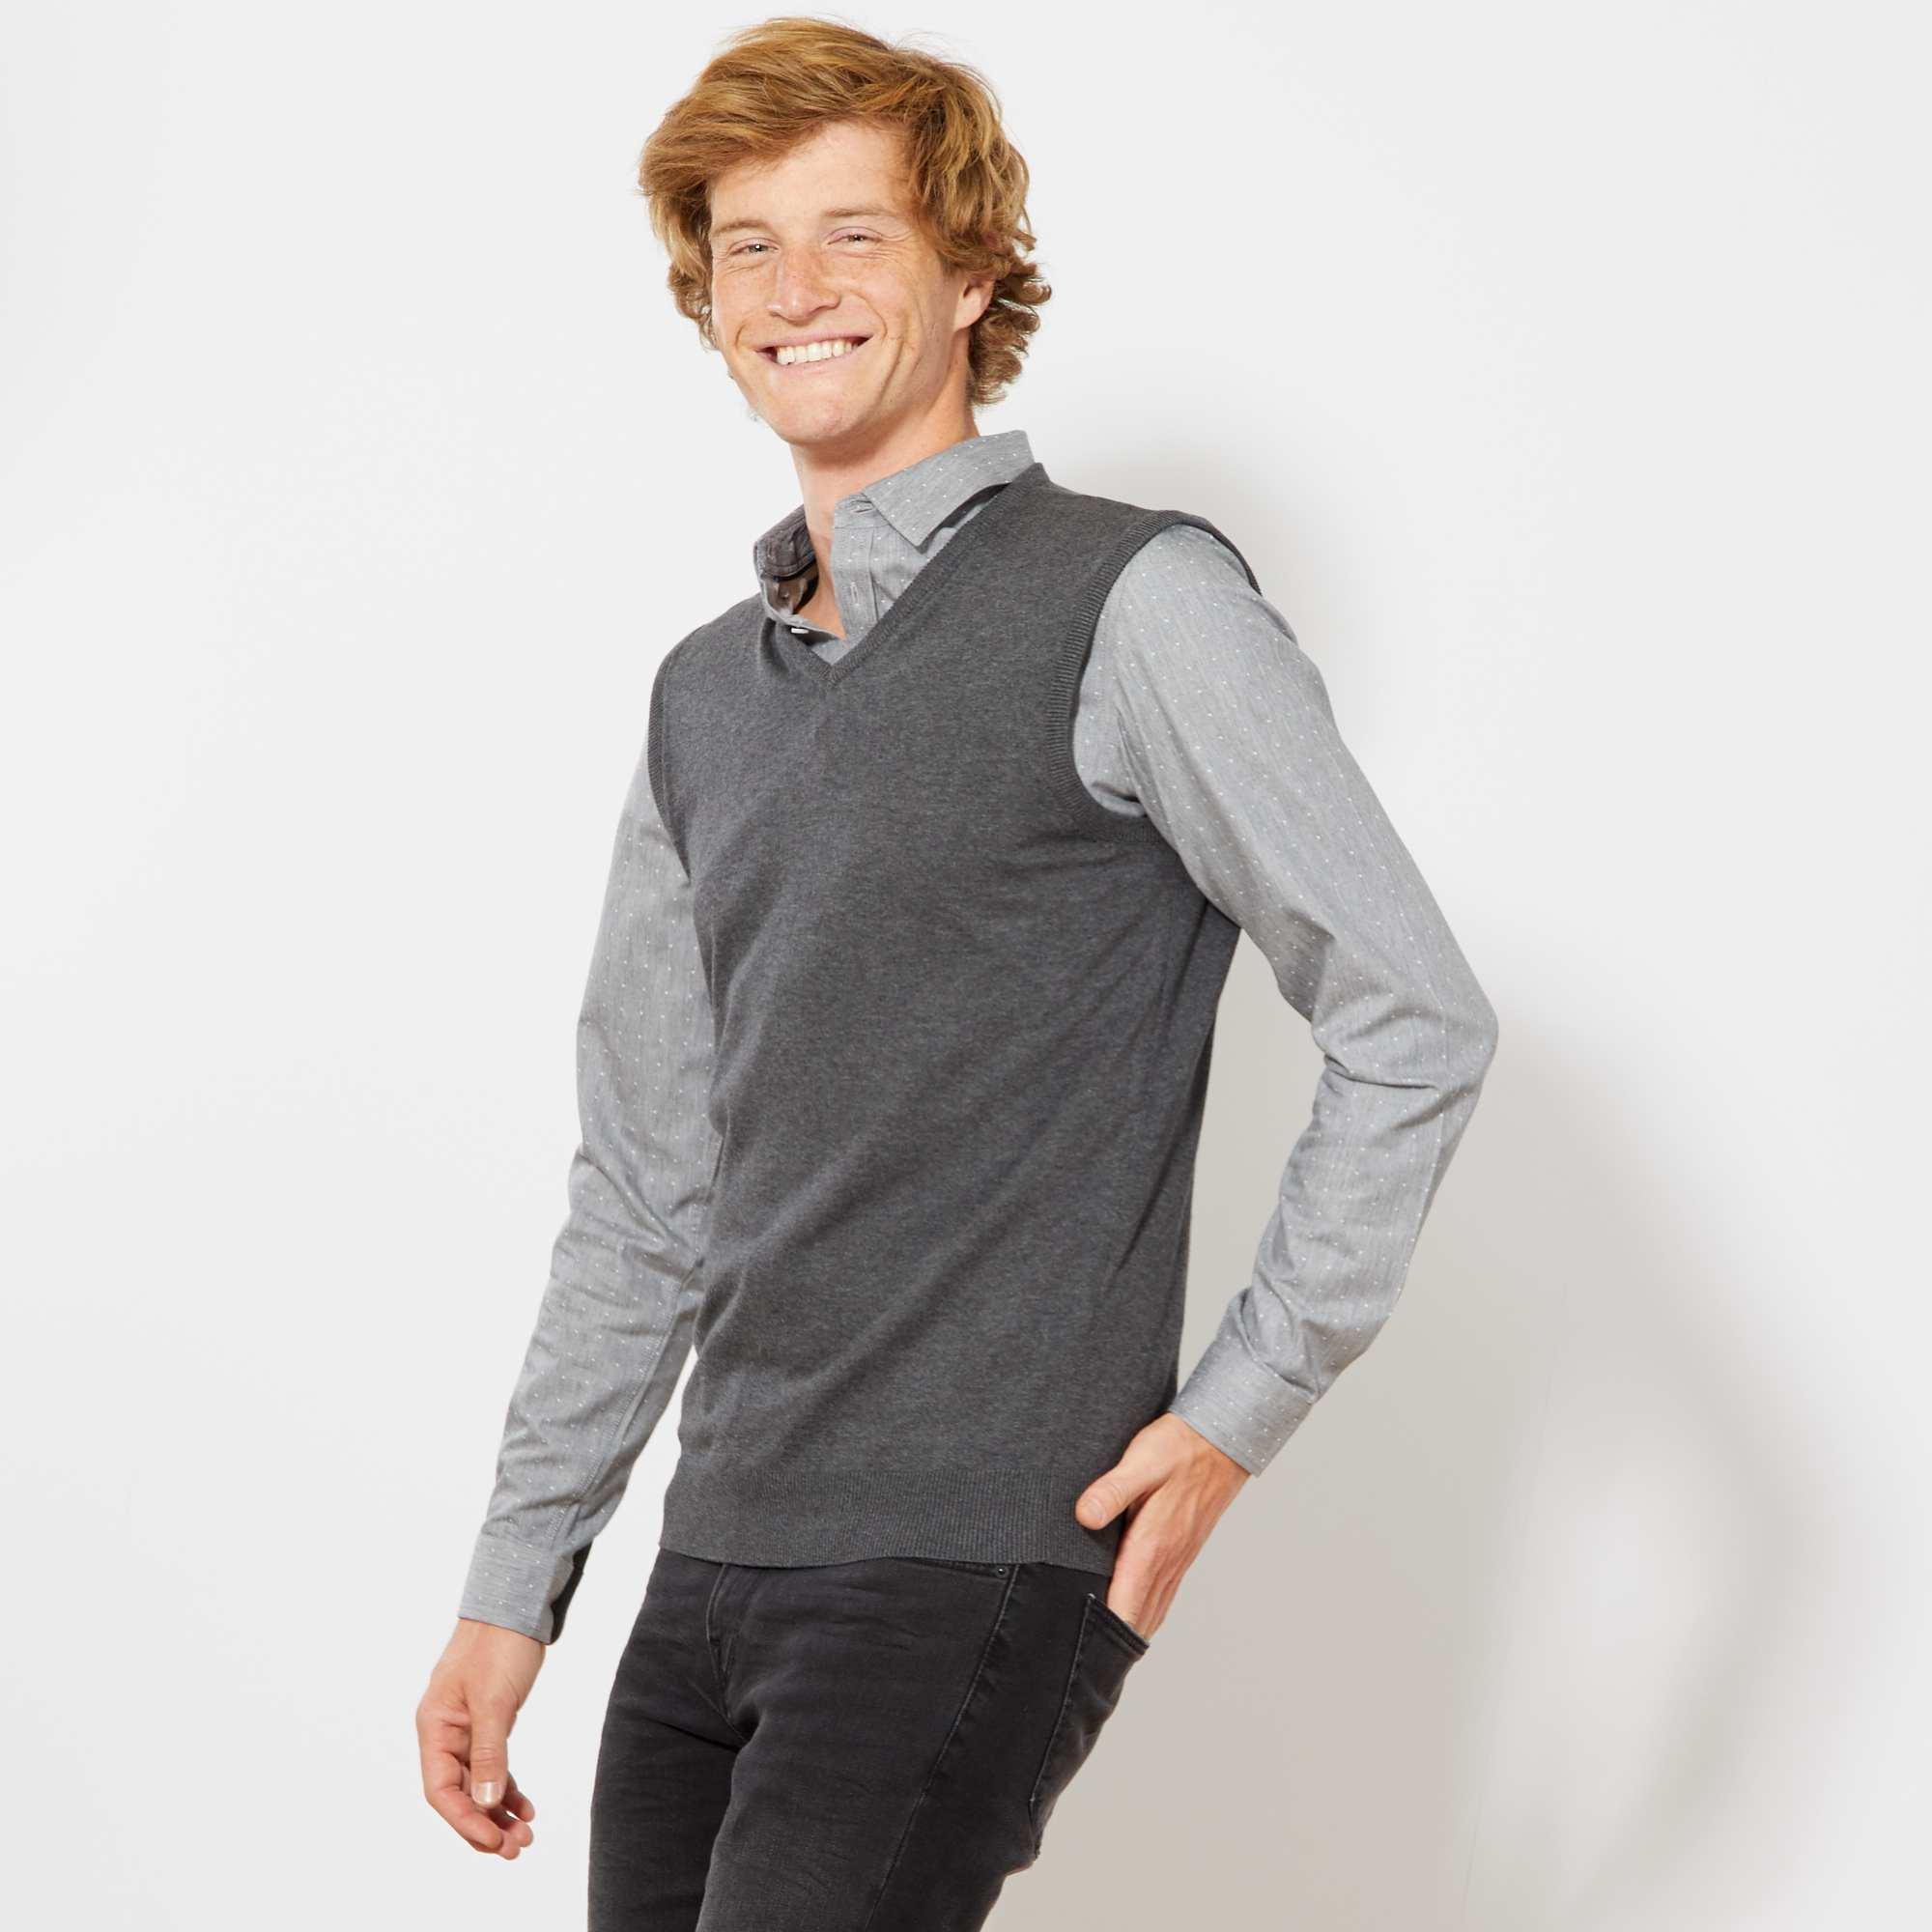 Couleur : gris chiné, noir, ,, - Taille : L, M, XL,S,XXLUn basique essentiel en fine maille, à porter avec votre plus belle chemise. - Pull